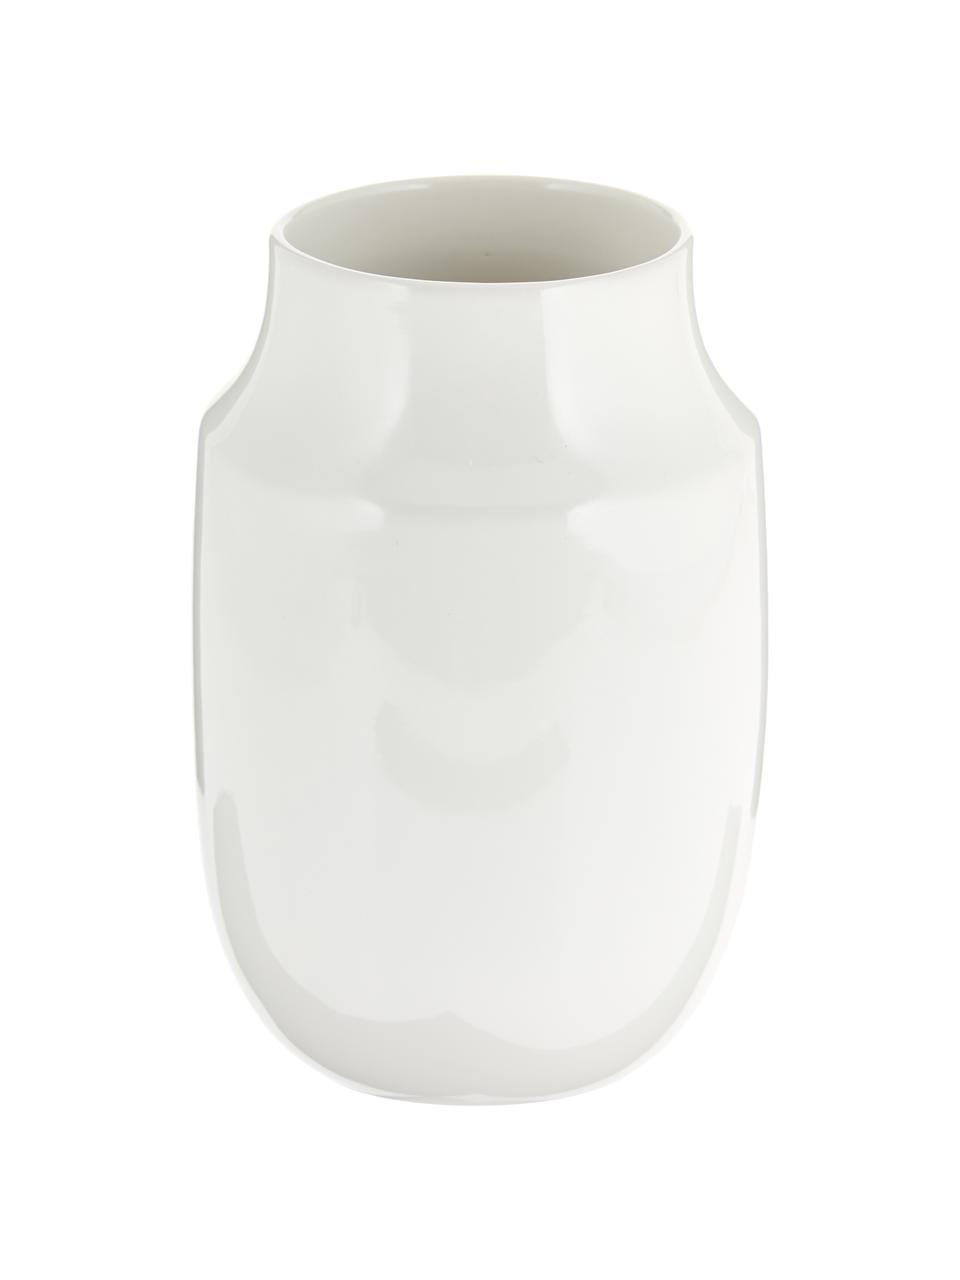 Handgemachte Vase Valeria, Keramik, Weiß, glänzend, Ø 13 x H 20 cm